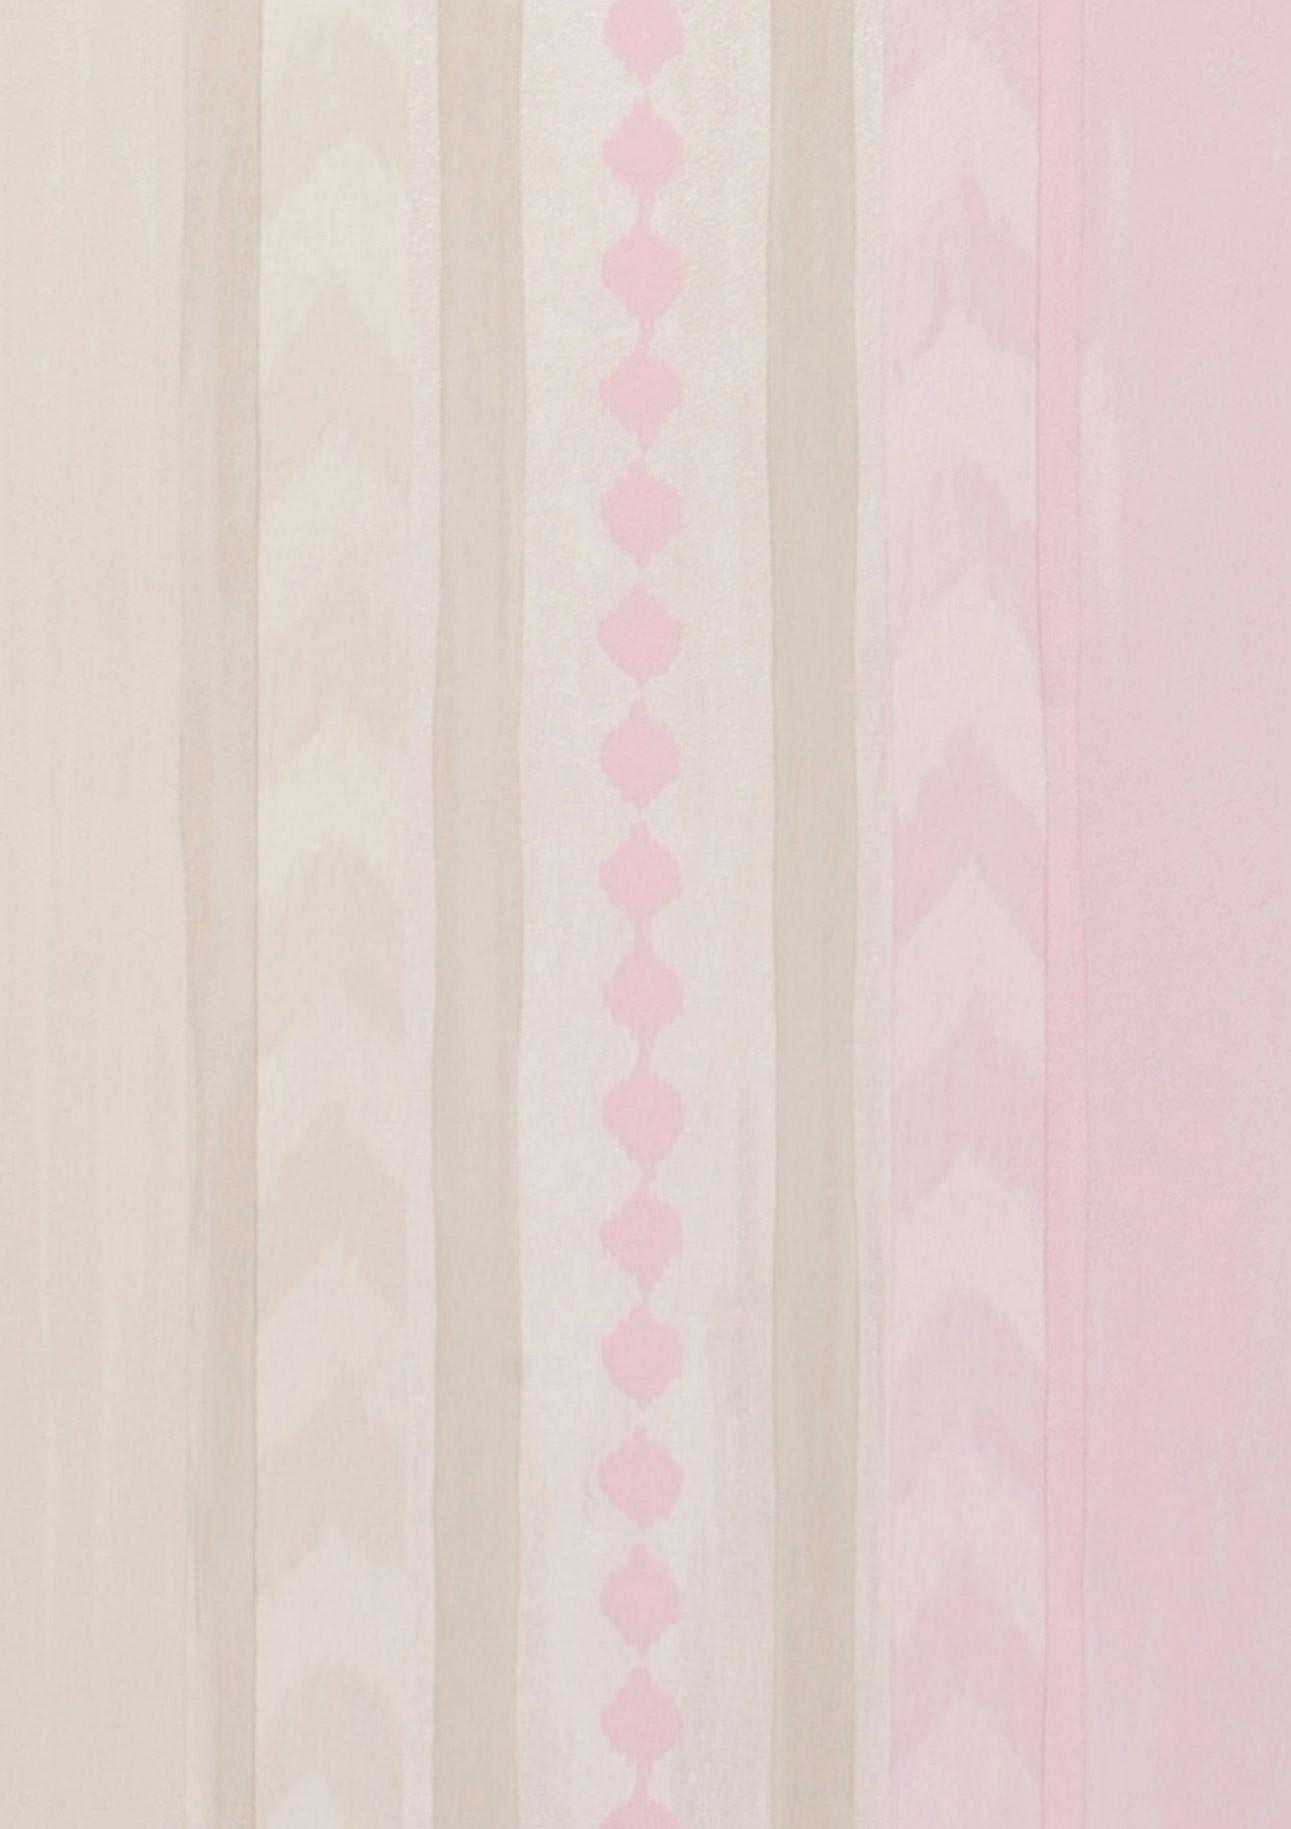 Wallpaper Kiwol Cream Shimmer Grey White Light Pink